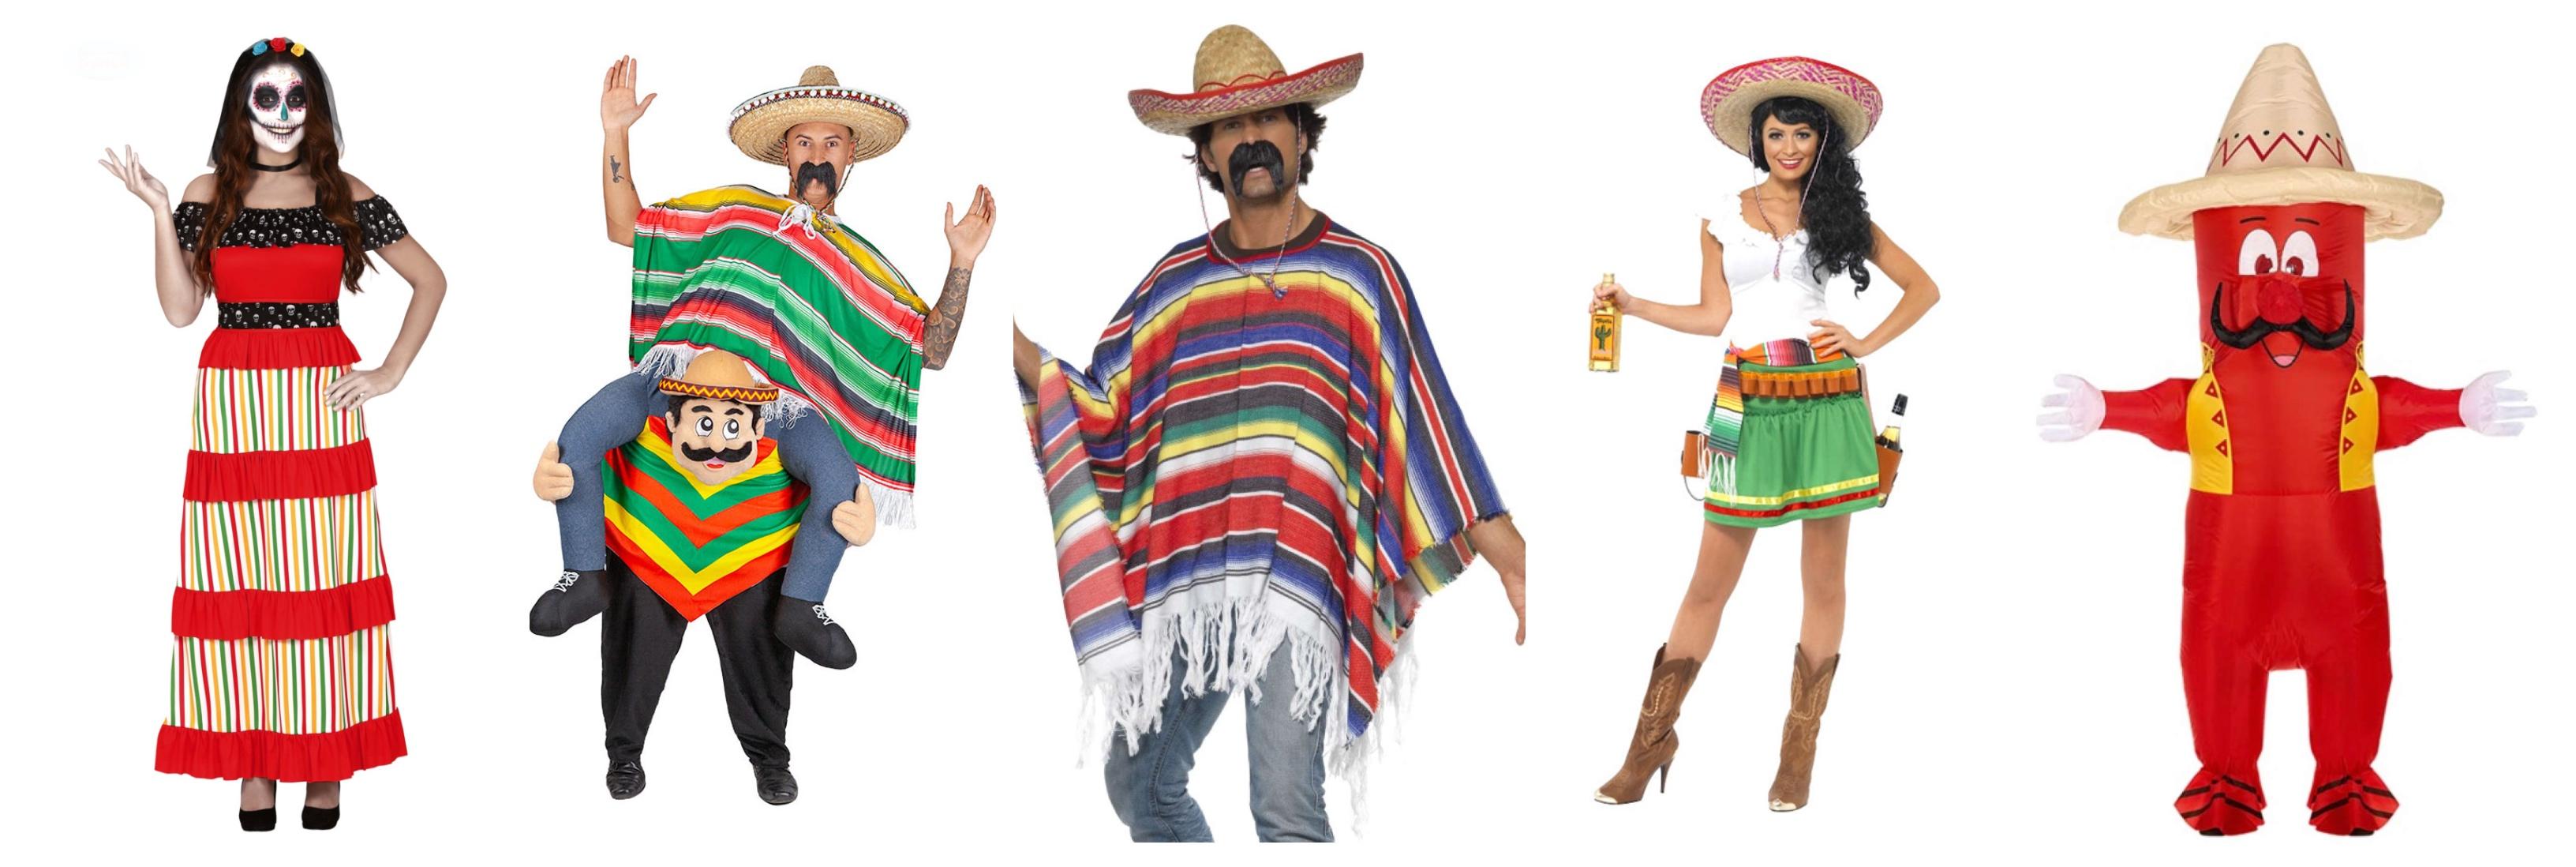 mexicaner kostumer til voksne - Mexicaner kostume til voksne